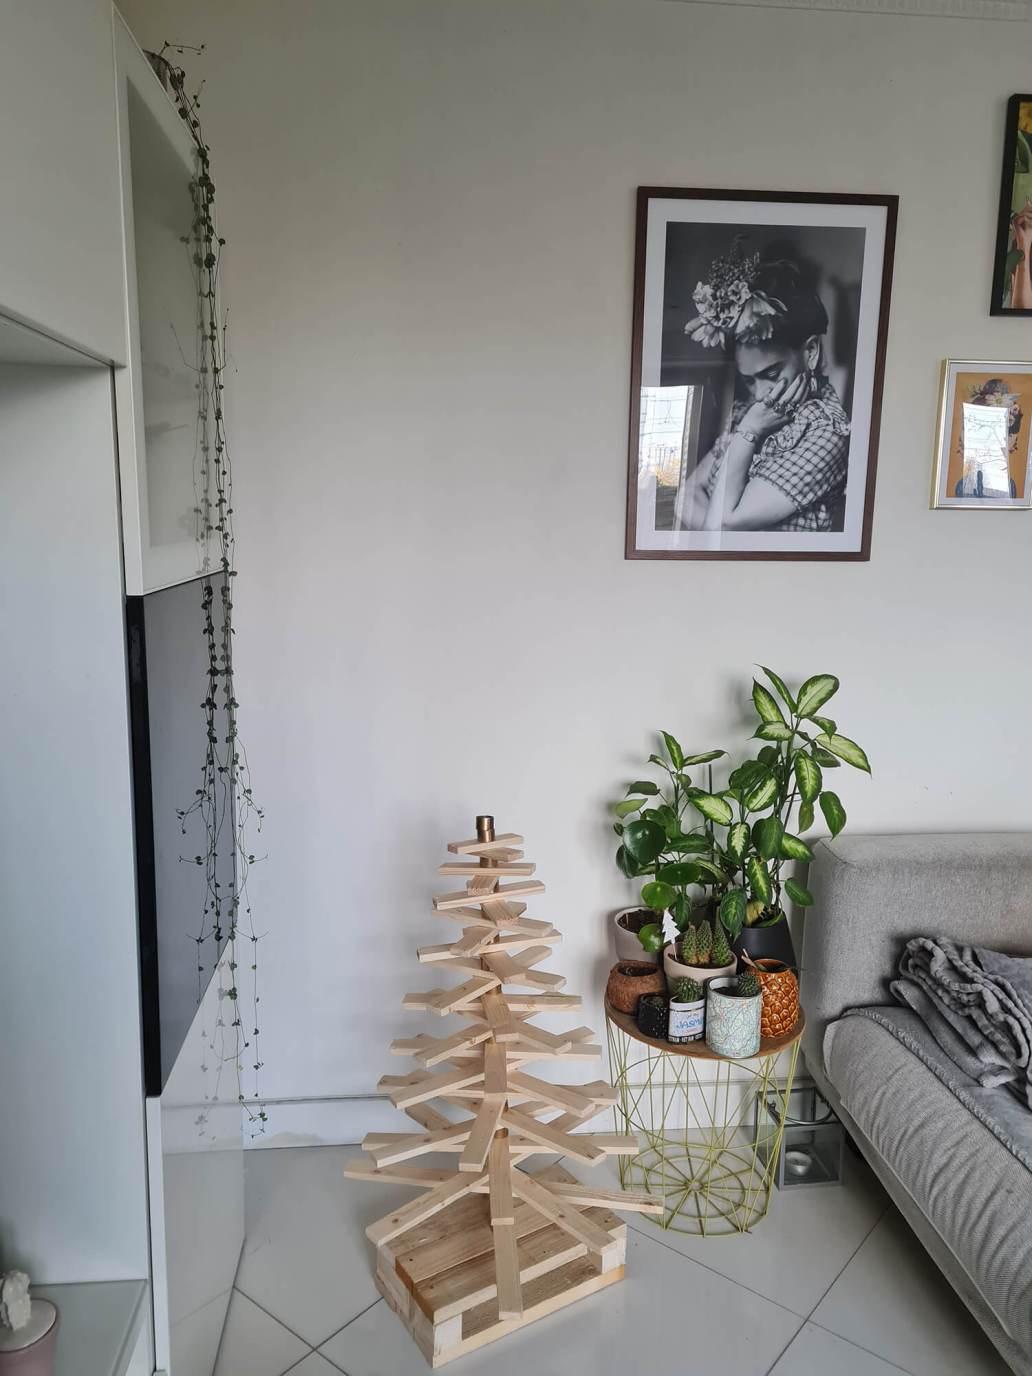 20201208 131521 - DIY récup : fabriquer un sapin de Noël en bois avec des tasseaux